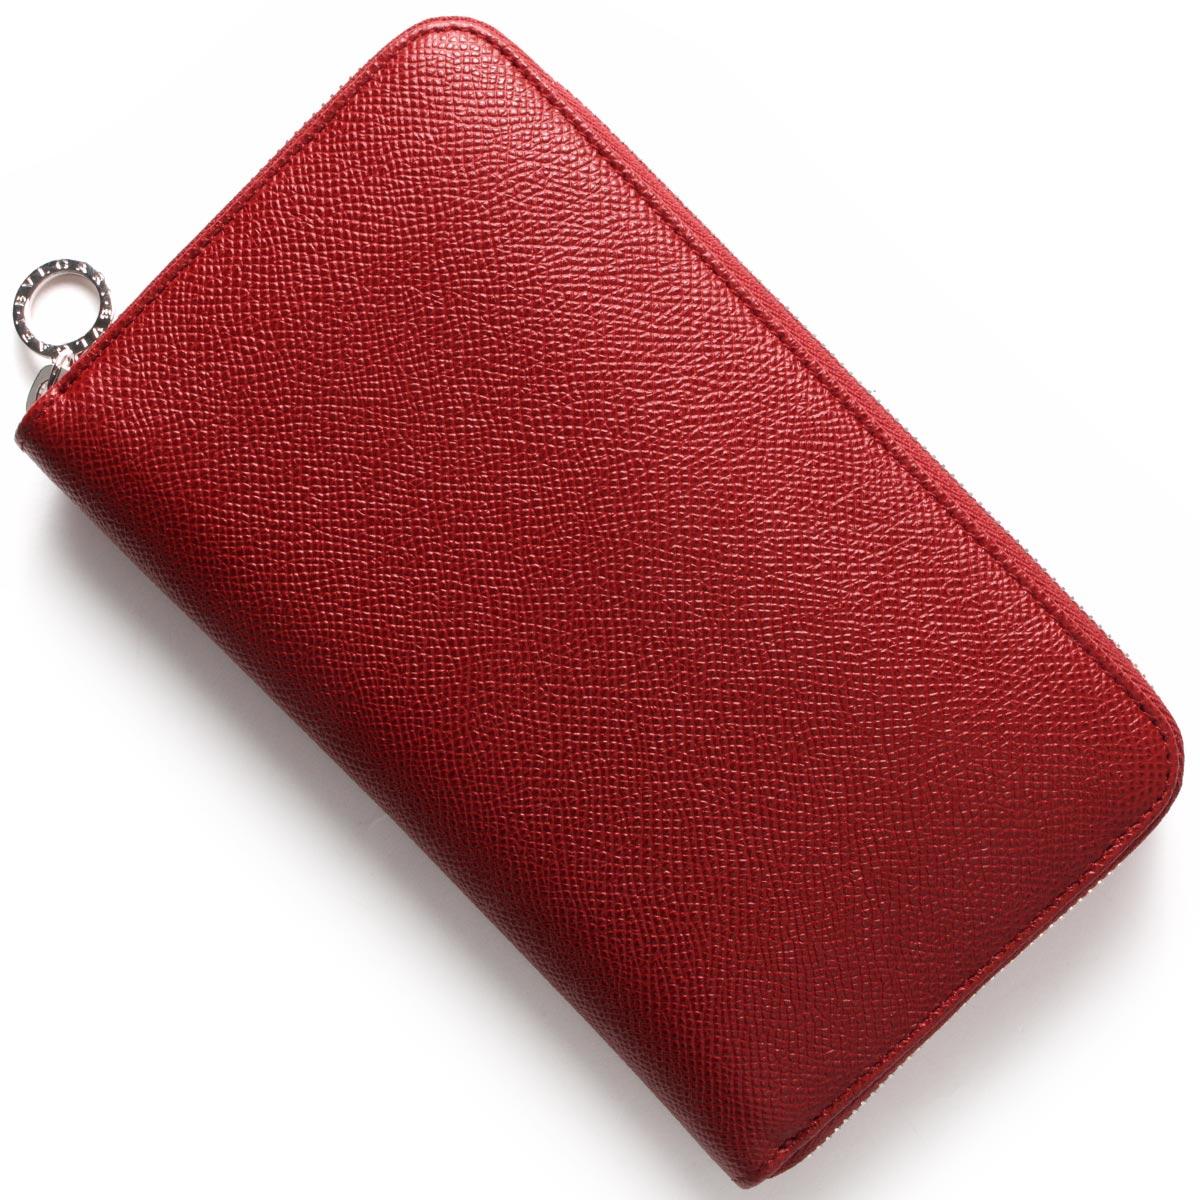 ブルガリ 長財布 財布 レディース ブルガリブルガリ レザー ラウンドファスナー ルビーレッド 37340 BVLGARI